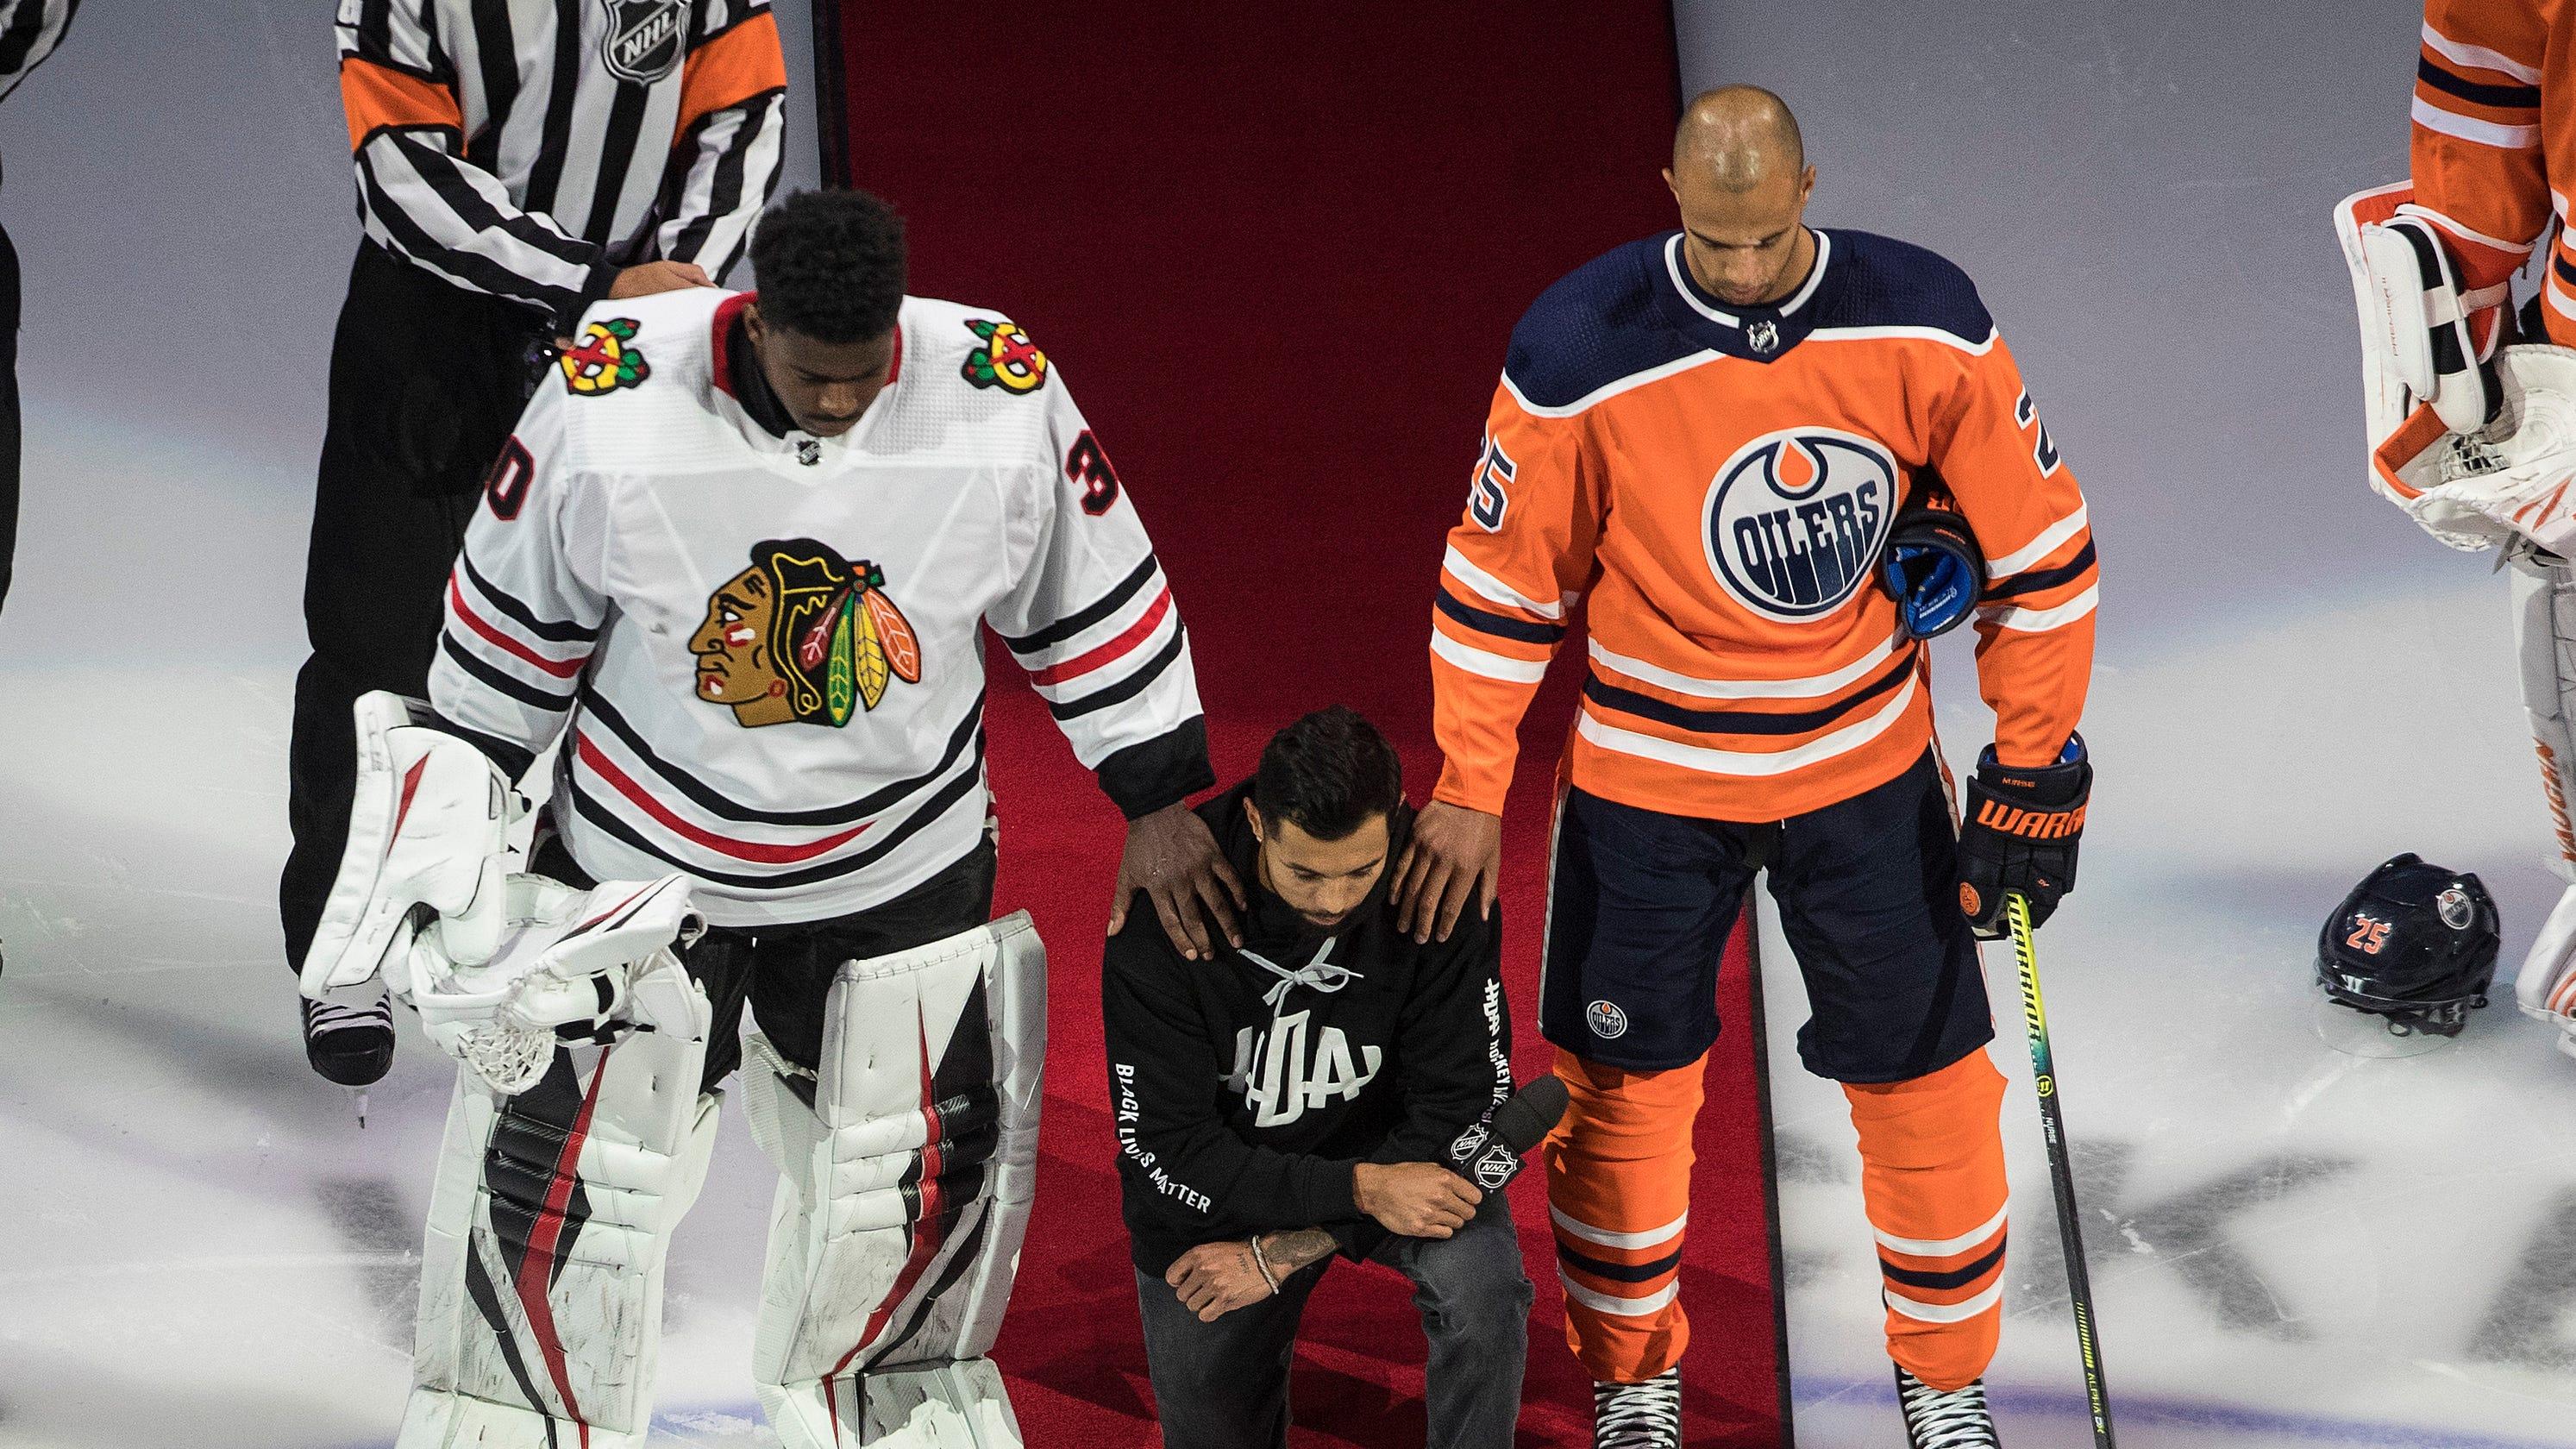 Minnesota Wild's Matt Dumba kneels during anthem after giving anti-racism speech